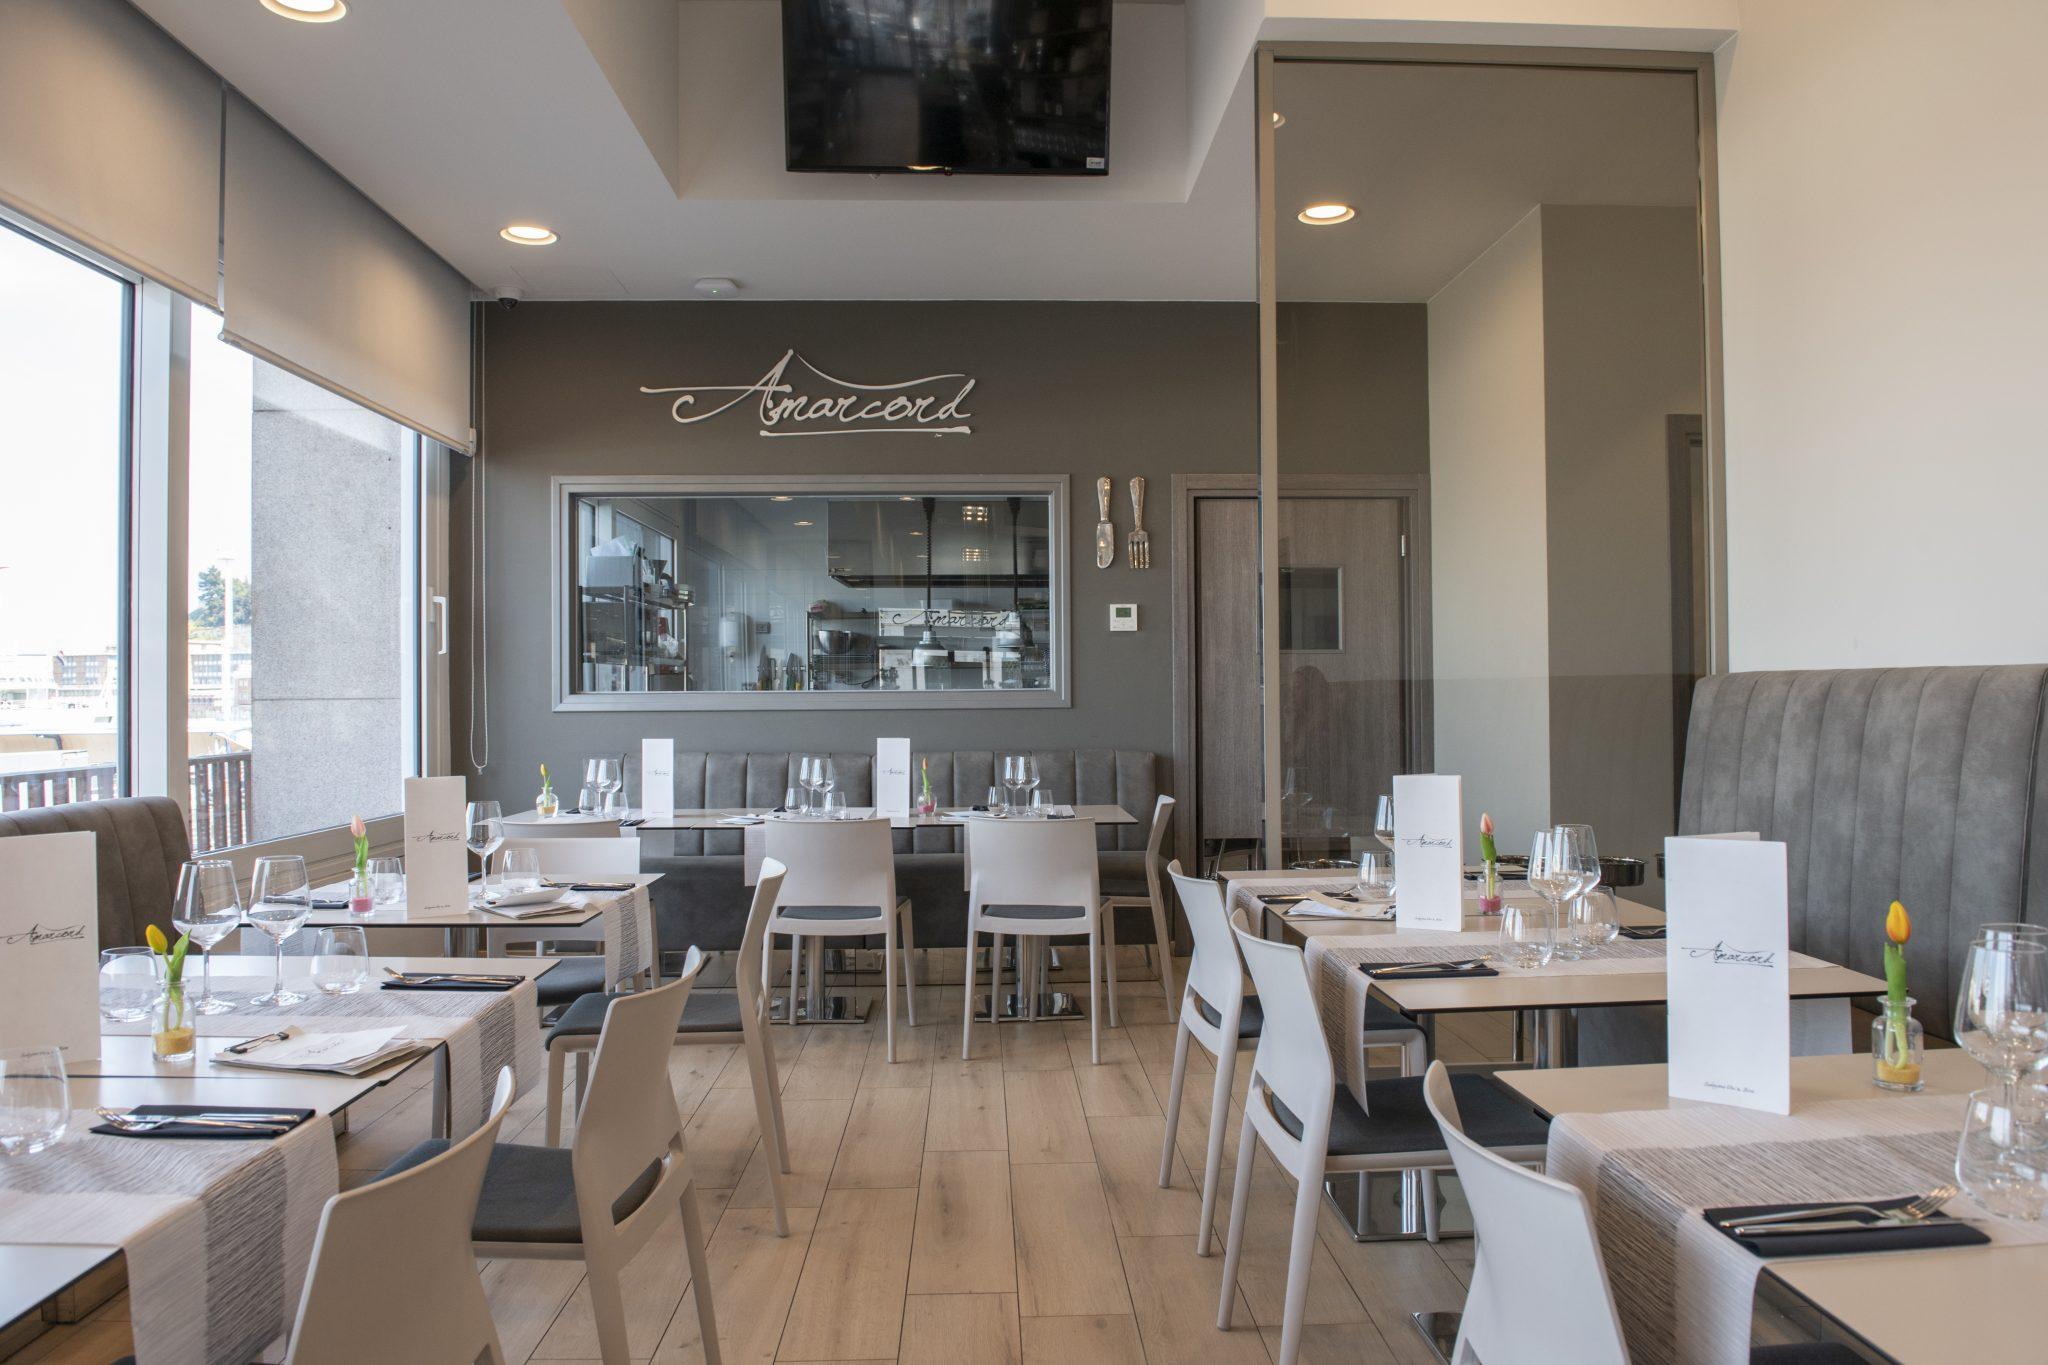 Arredamento Di Design arredamento ristoranti moderno e di design - tecnobar